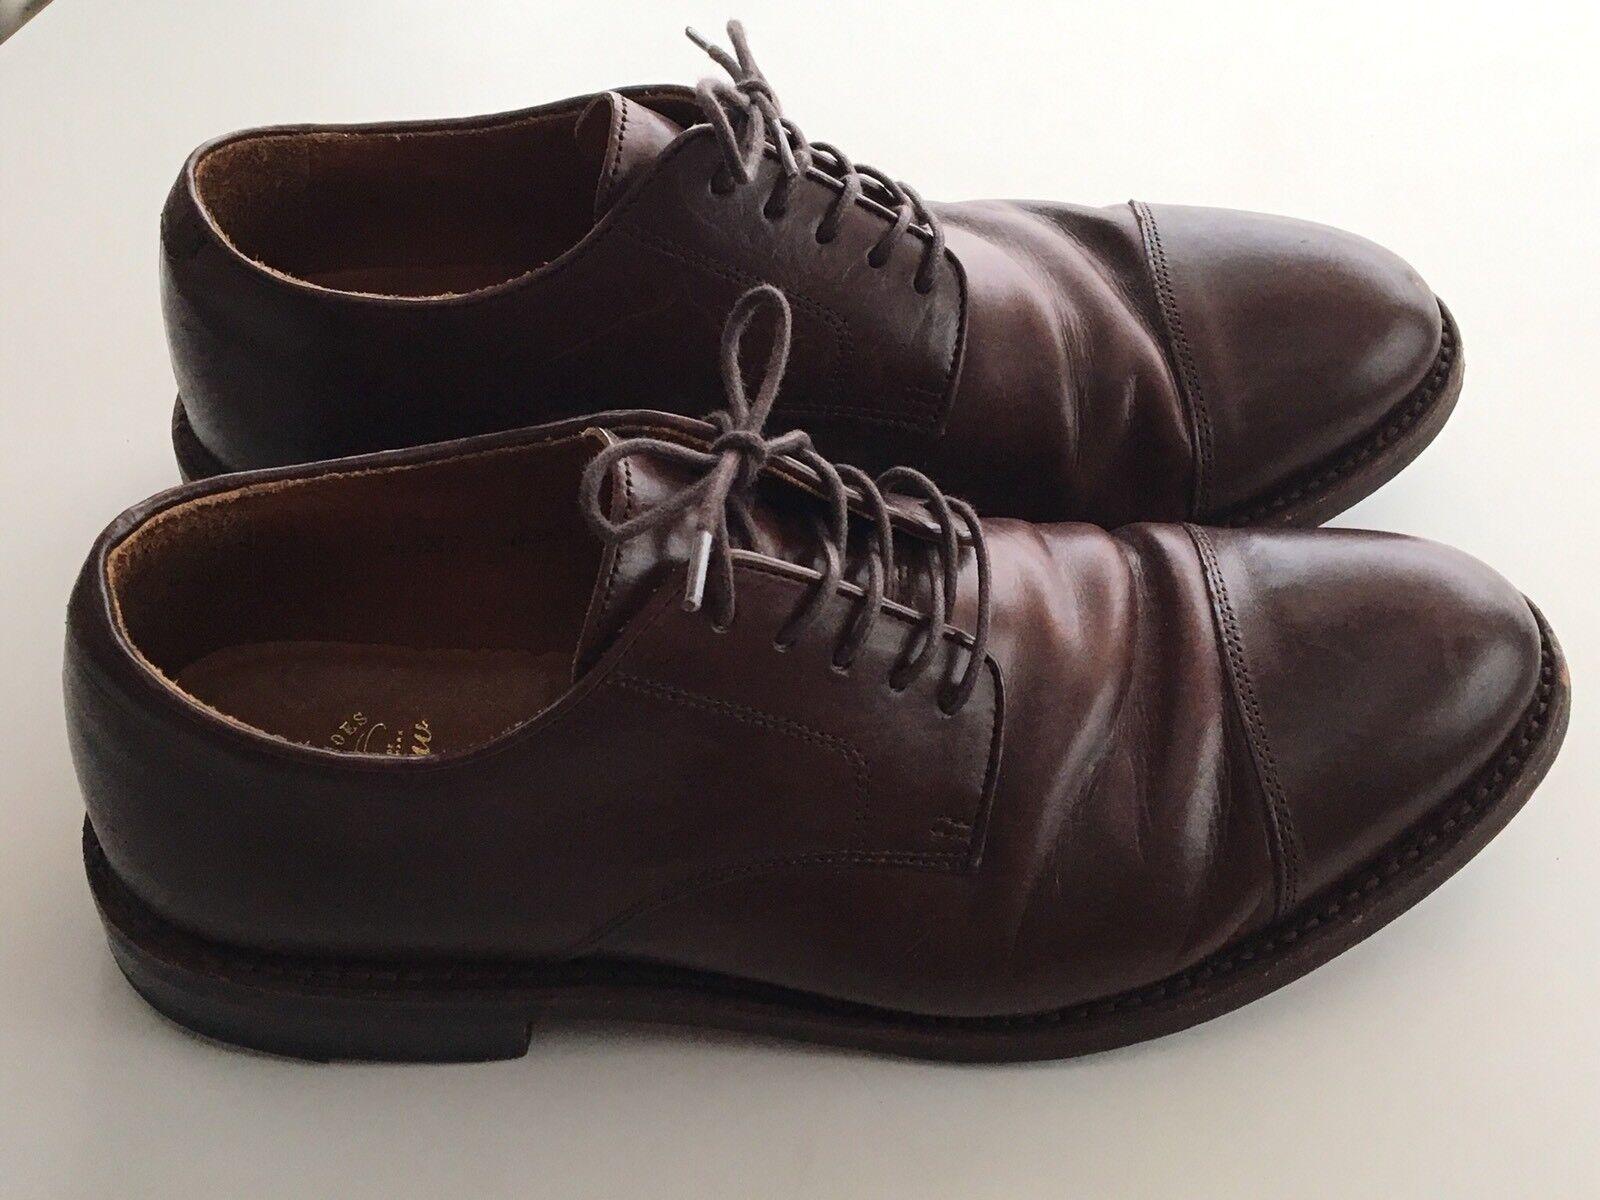 JCREW Ludlow Cap Toe Bluchers Leather Shoes  360 8.5 Cigar Brown G1987